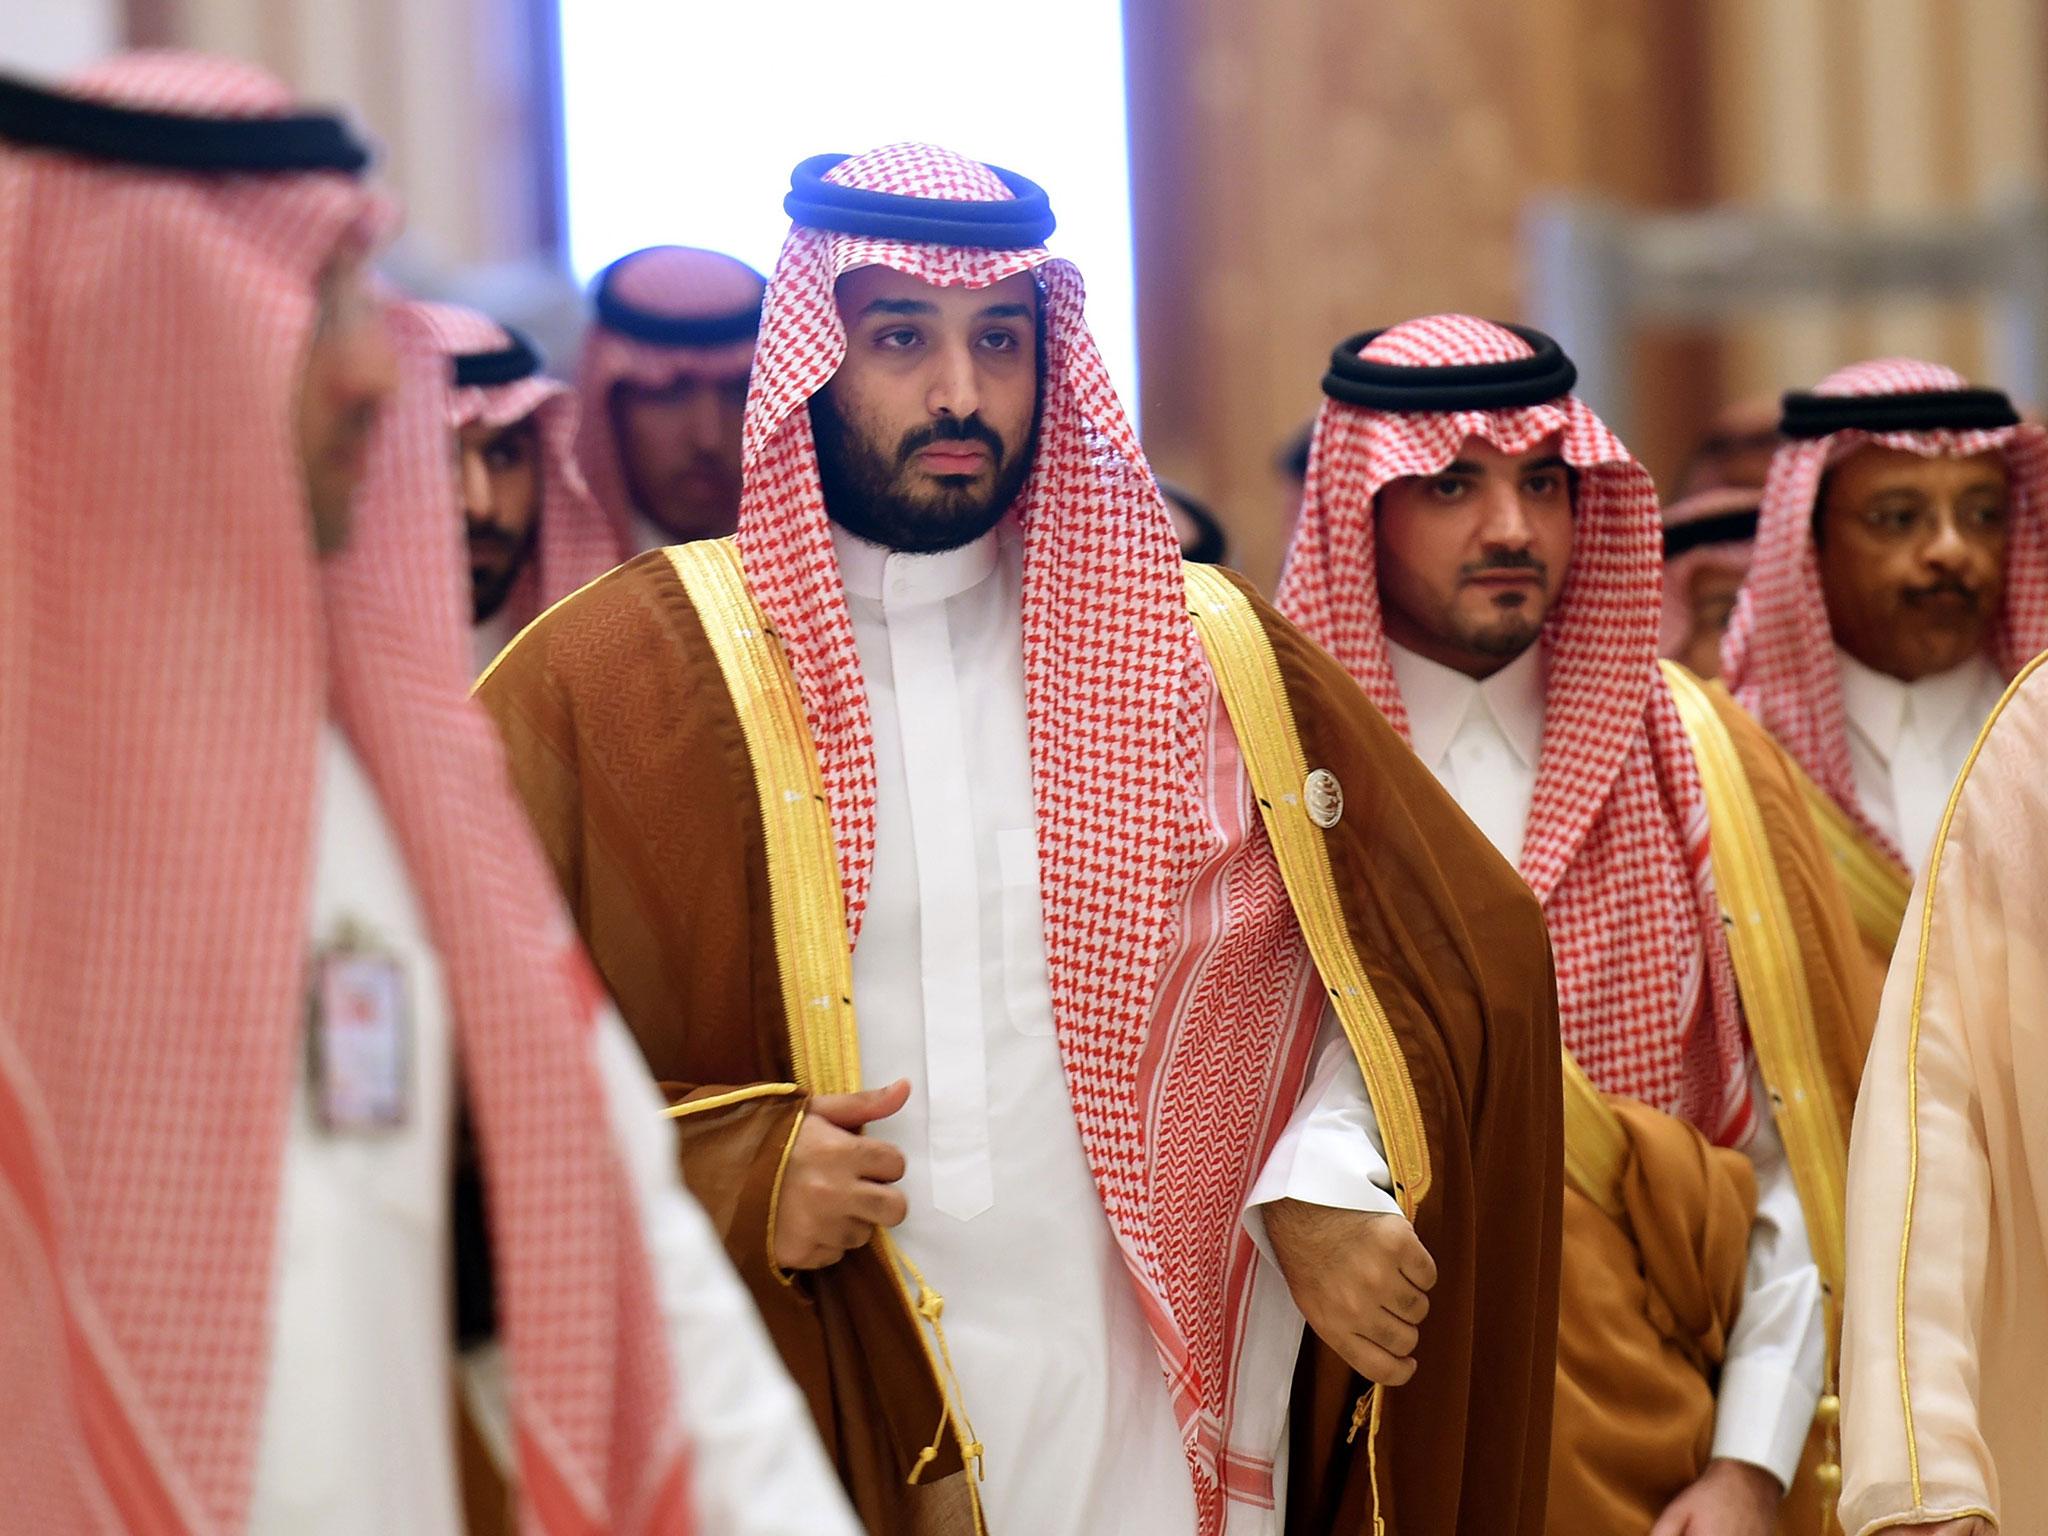 """""""Увеличивают скидку"""", - блогер показал, как Саудовская Аравия начала вытеснять Россию с нефтяных рынков"""